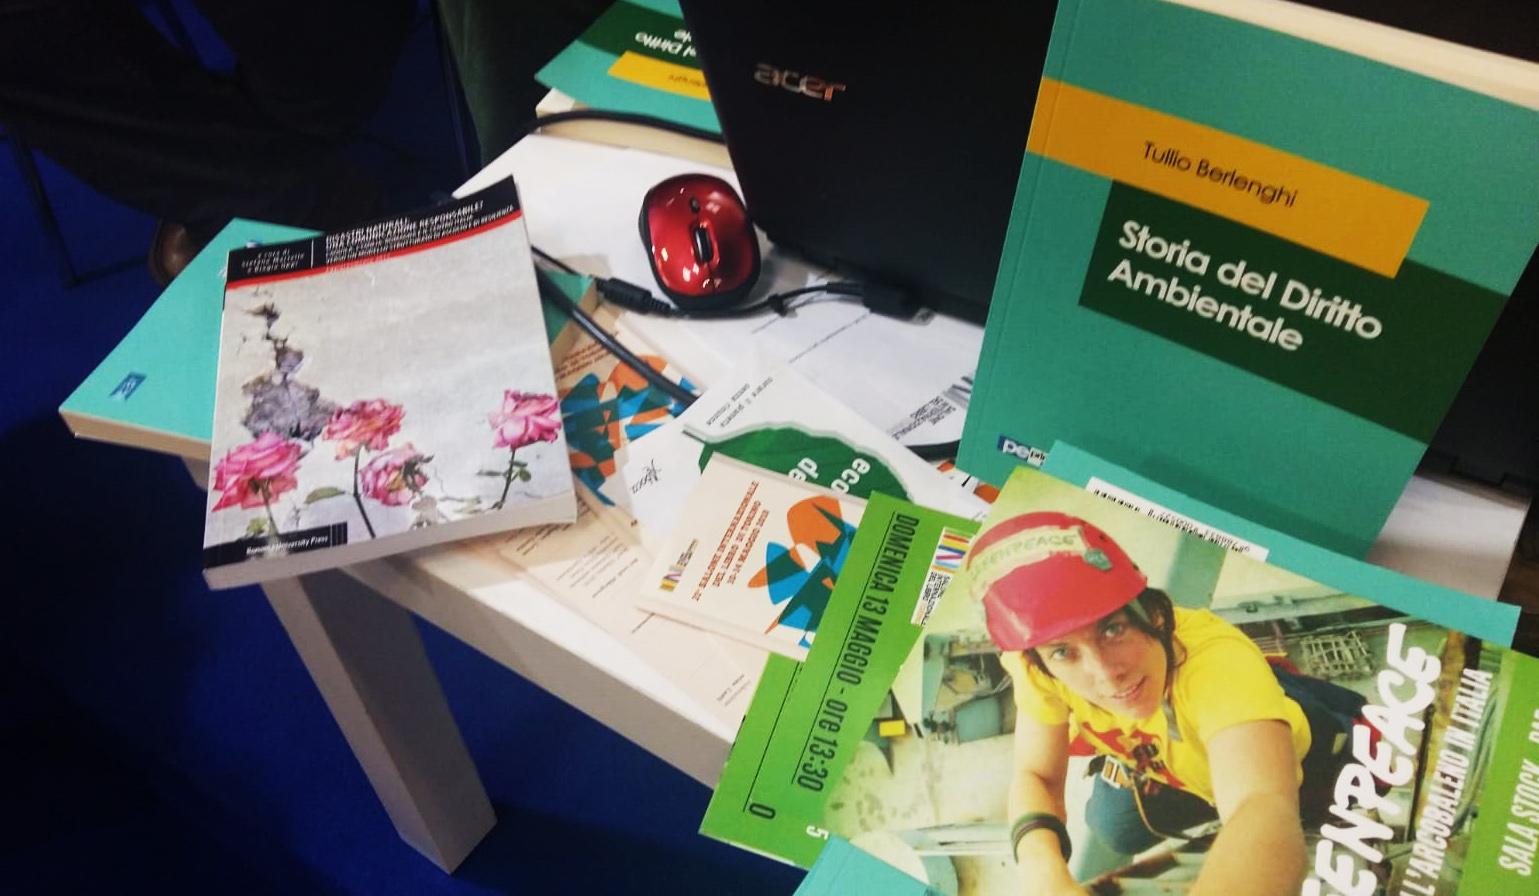 I nostri #librigreen per la cultura sostenibile